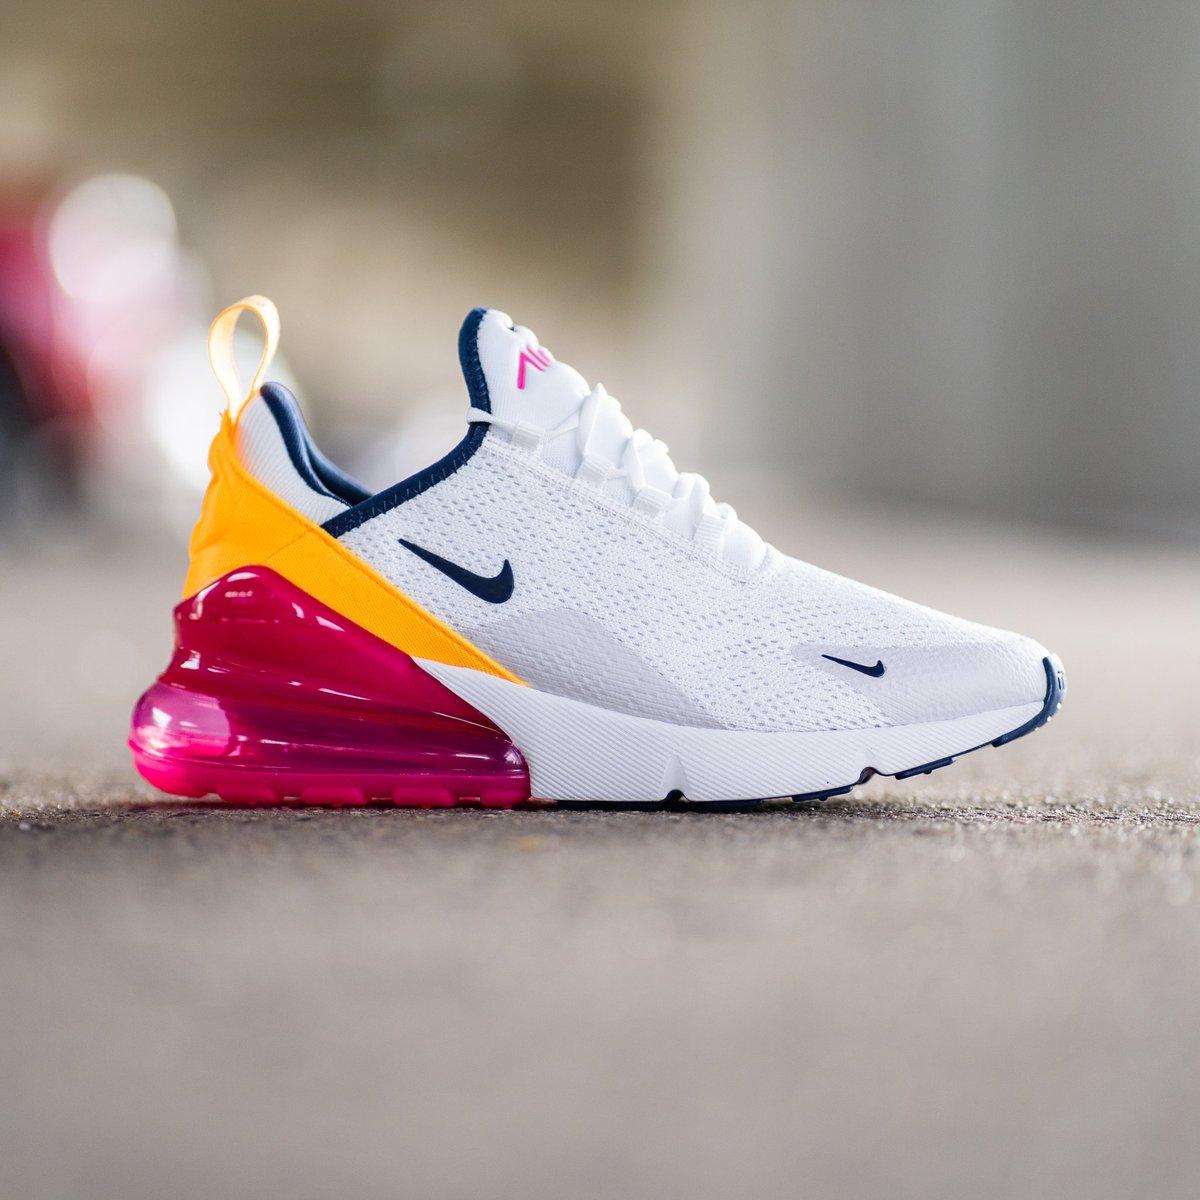 188dda5f7518c GB'S Sneaker Shop on Twitter: